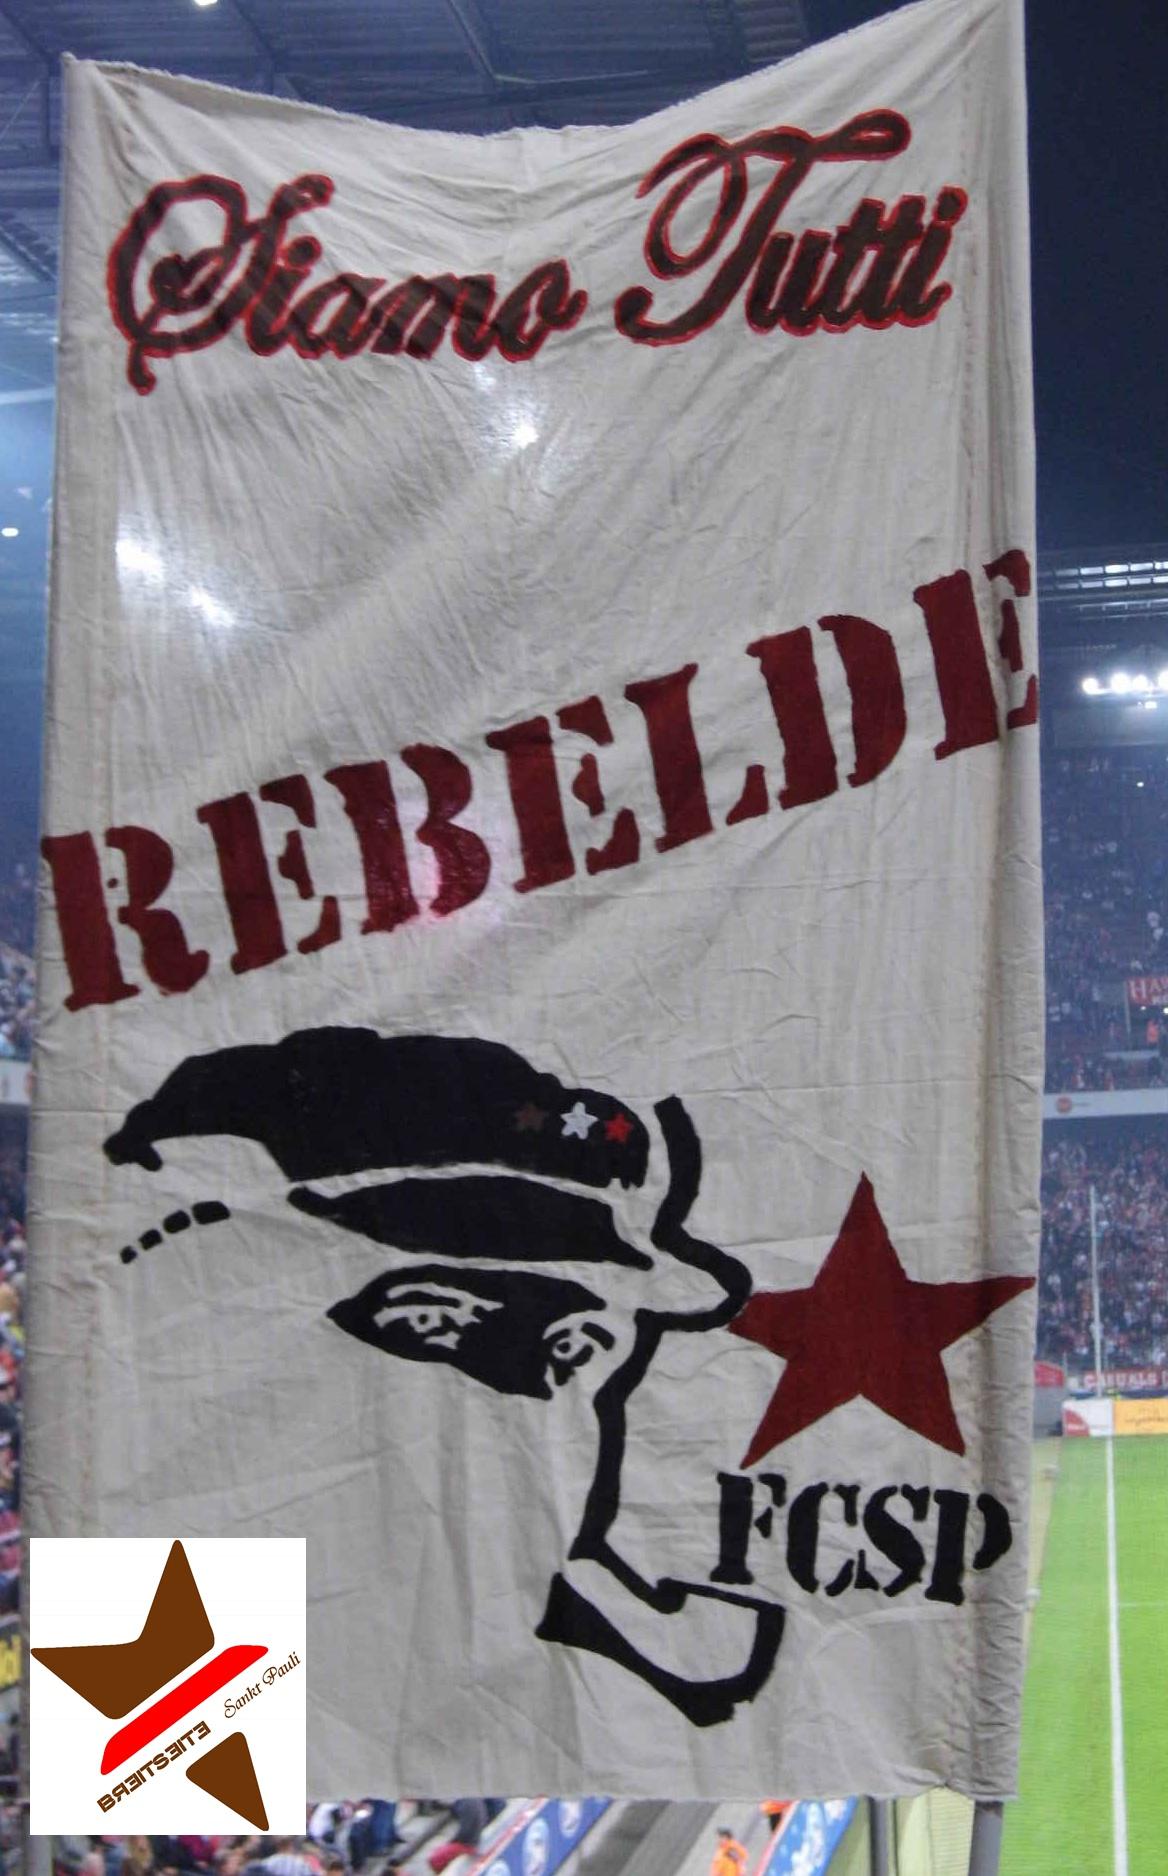 Siamo Tutti Rebelde Köln